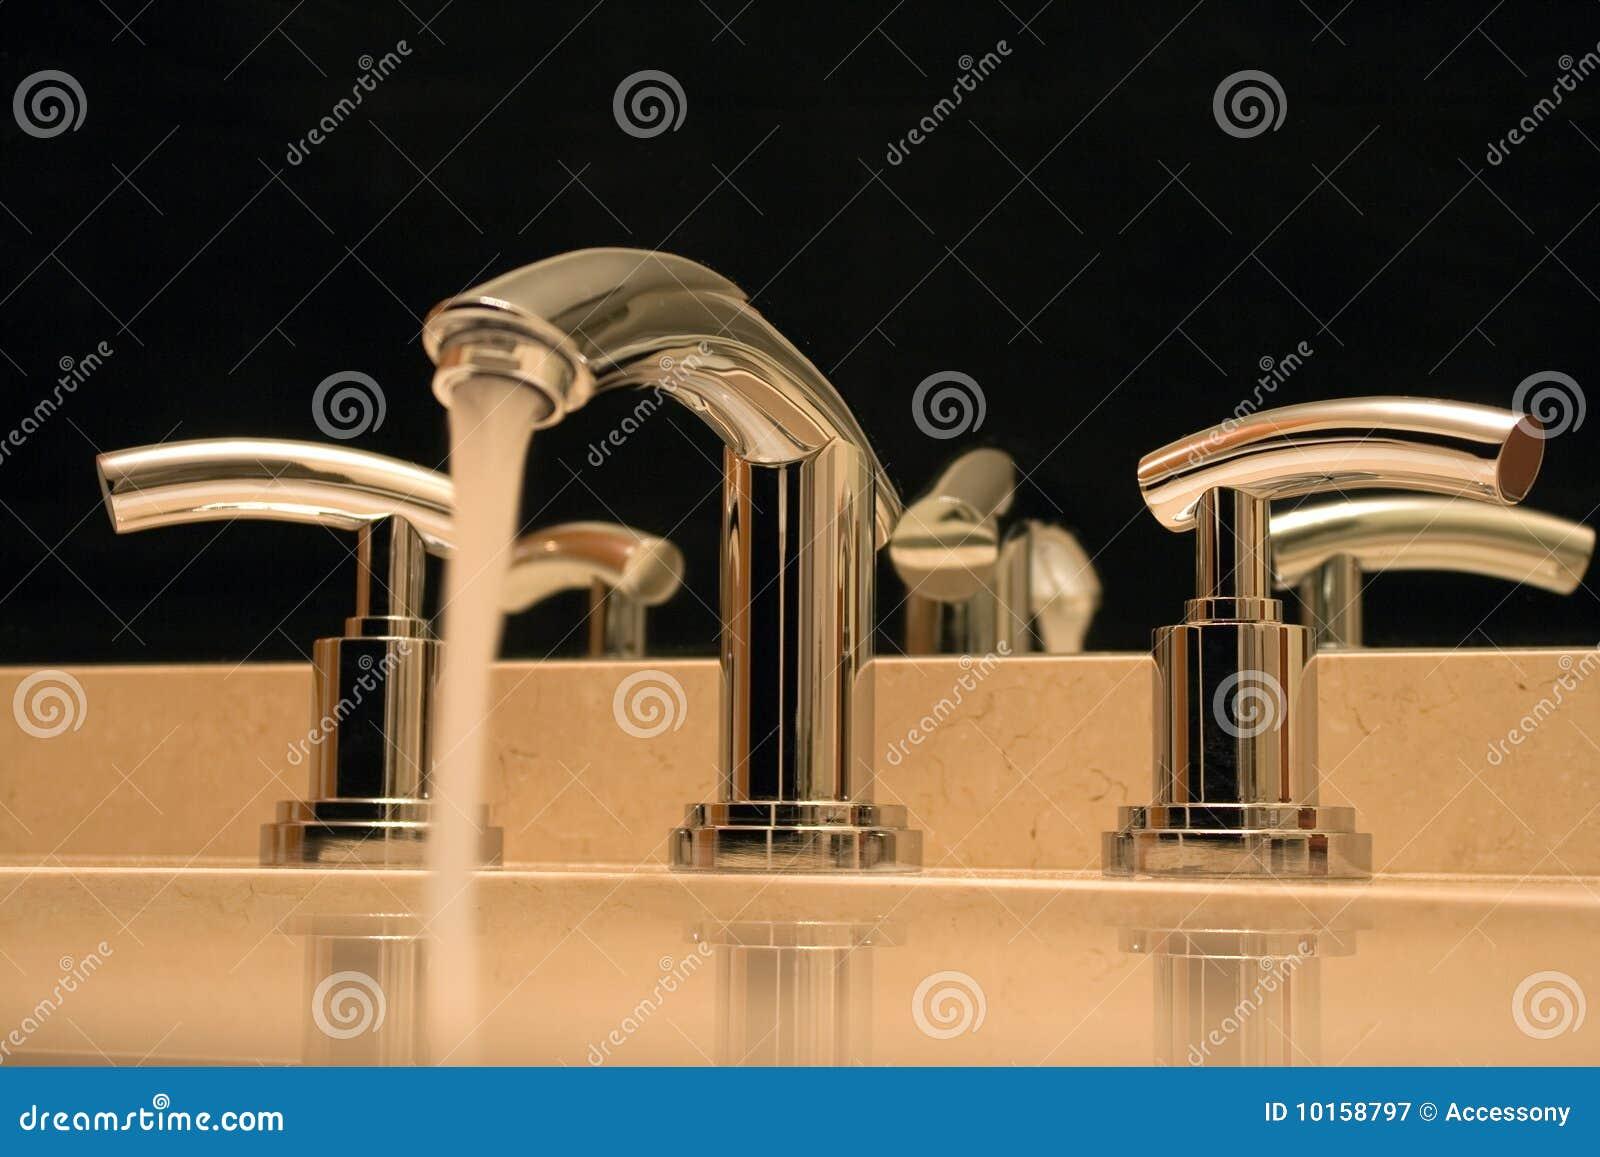 luxe de robinet de chrome de salle de bains photographie stock libre de droits image 10158797. Black Bedroom Furniture Sets. Home Design Ideas